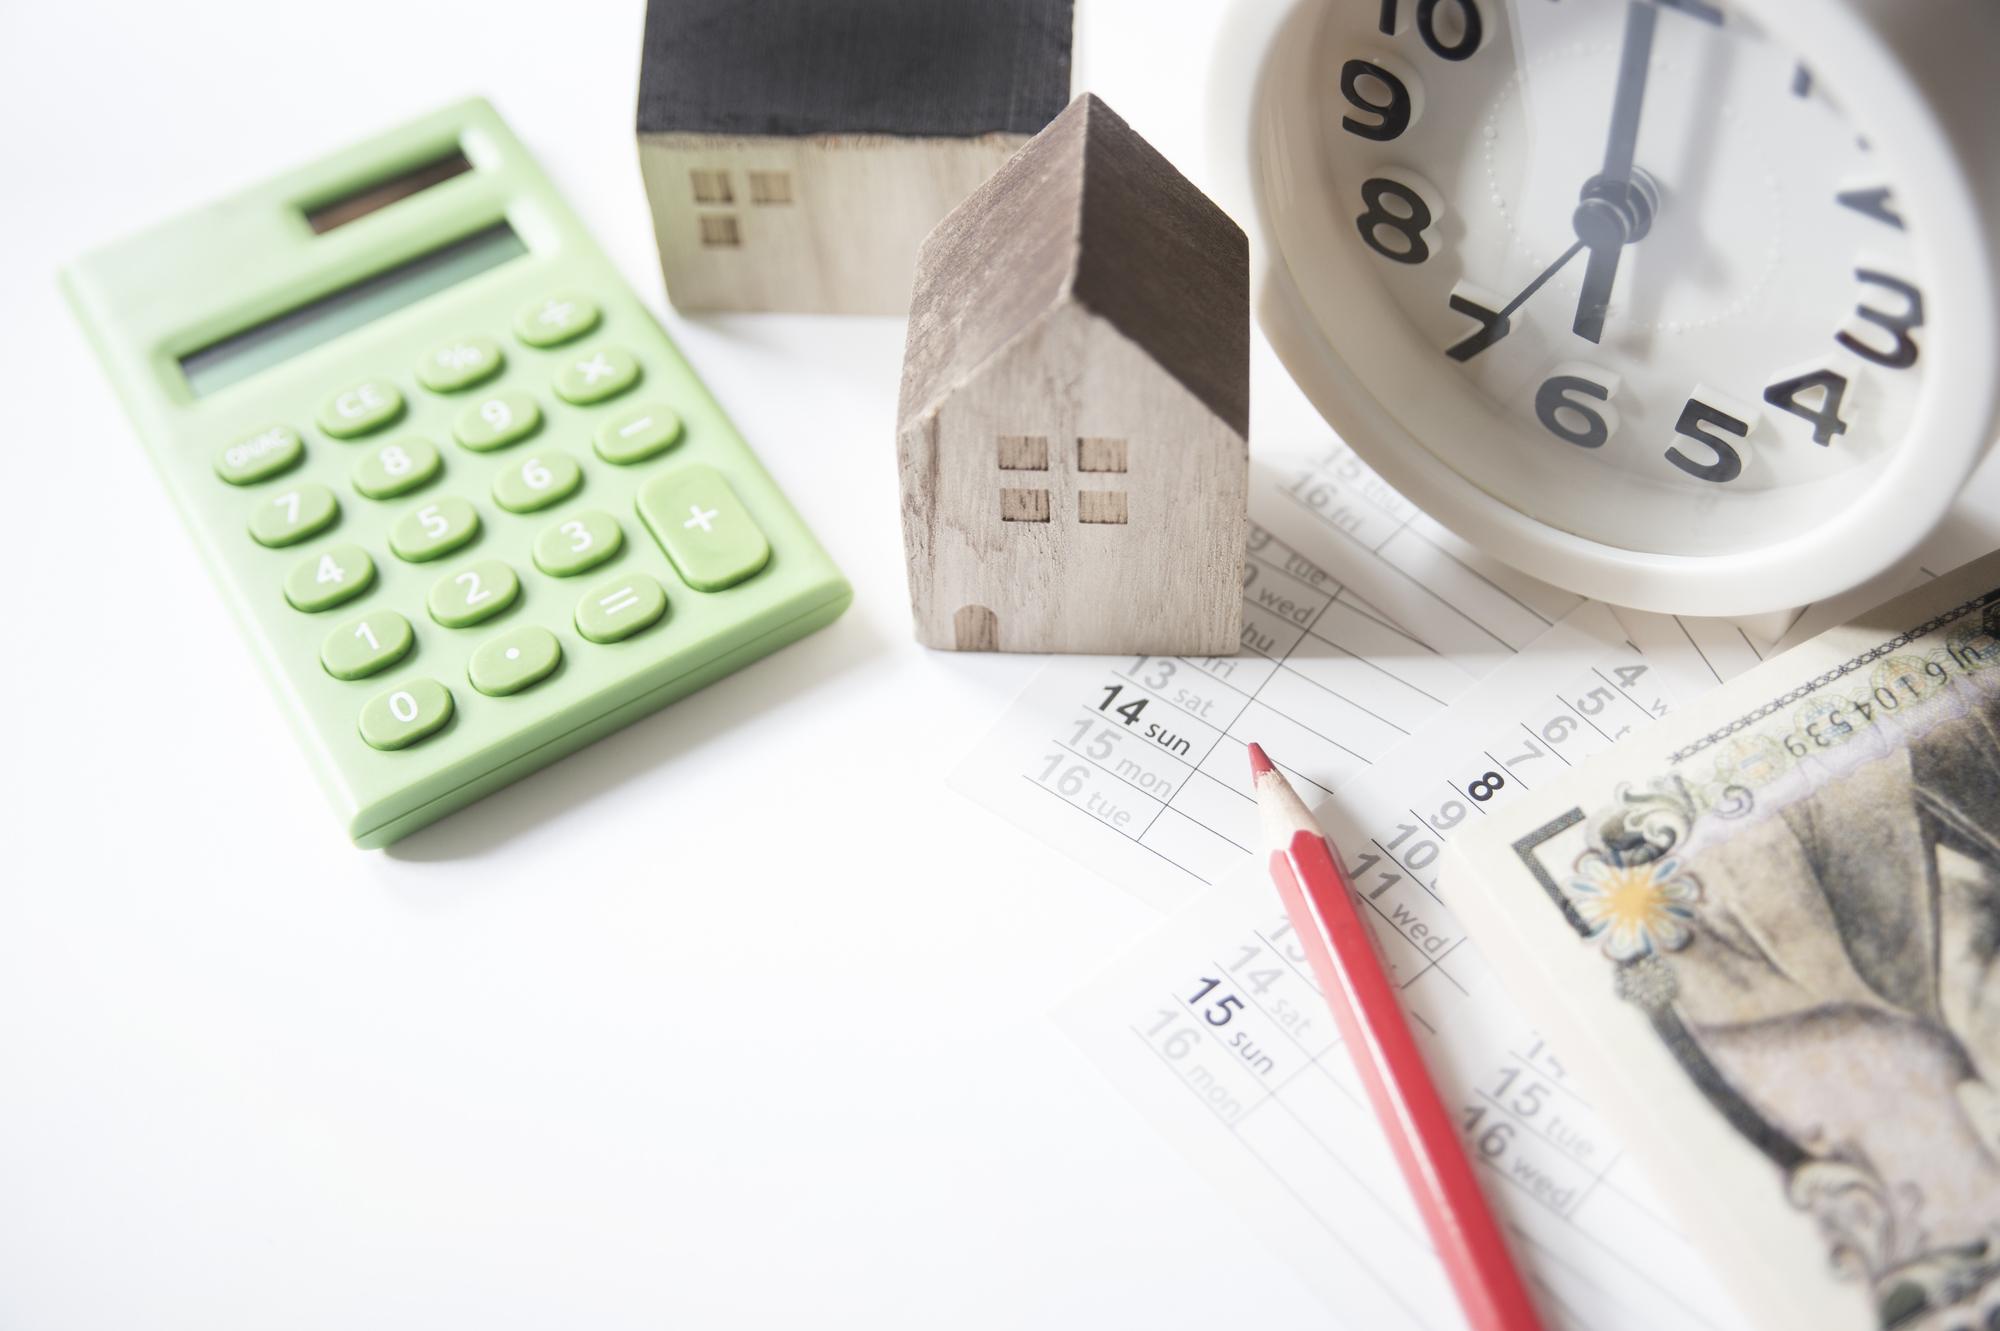 建物減価償却費の計算に必要な耐用年数について